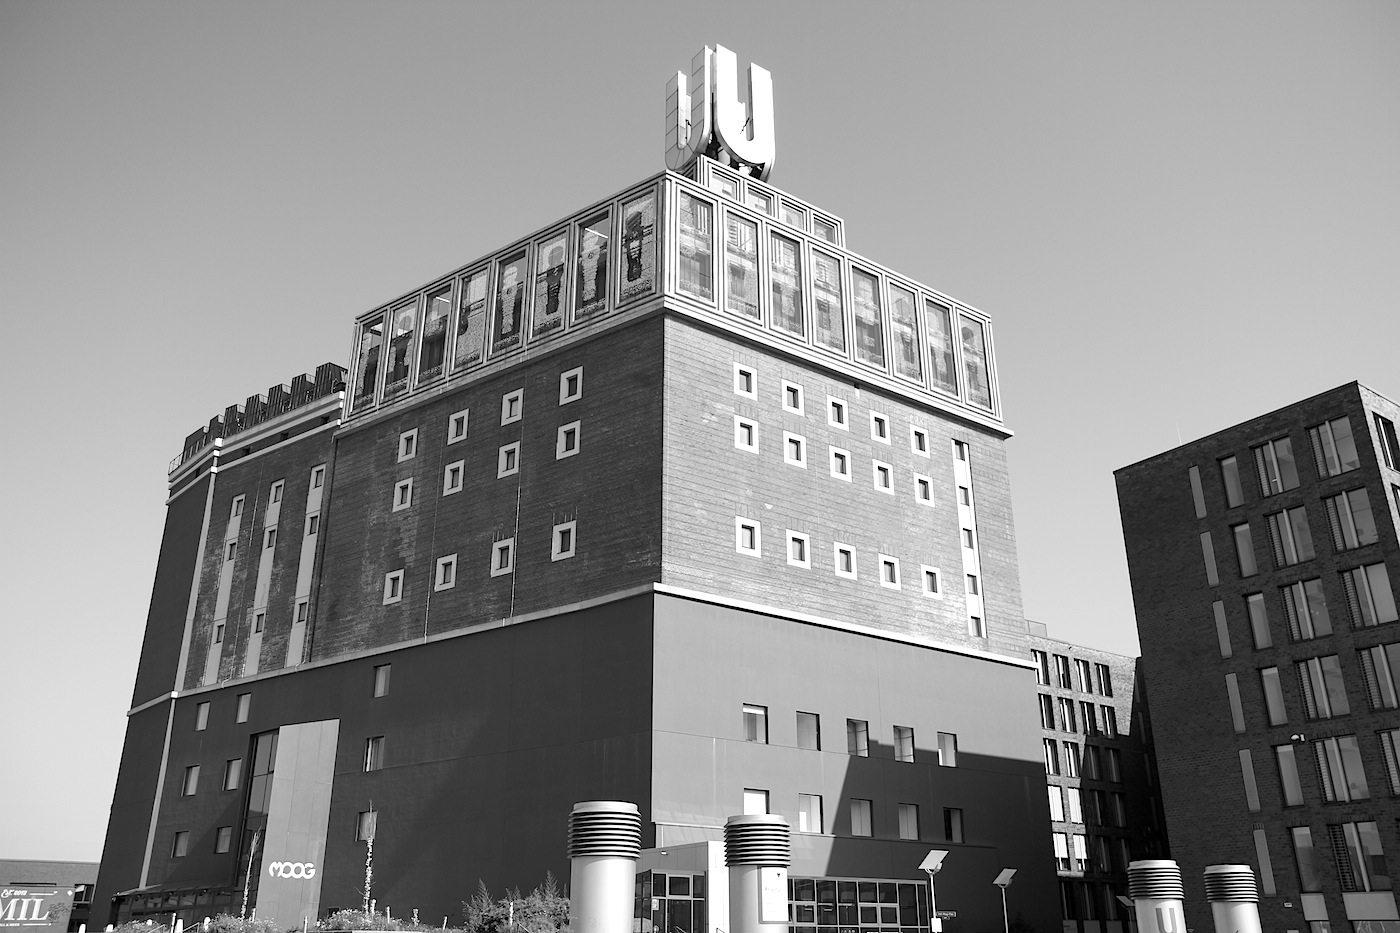 Dortmunder U. Ehemalige Brauerei. Entwurf: Emil Moog. Fertigstellung: 1927. Saniert und umgebaut durch Gerber Architekten, 2010.